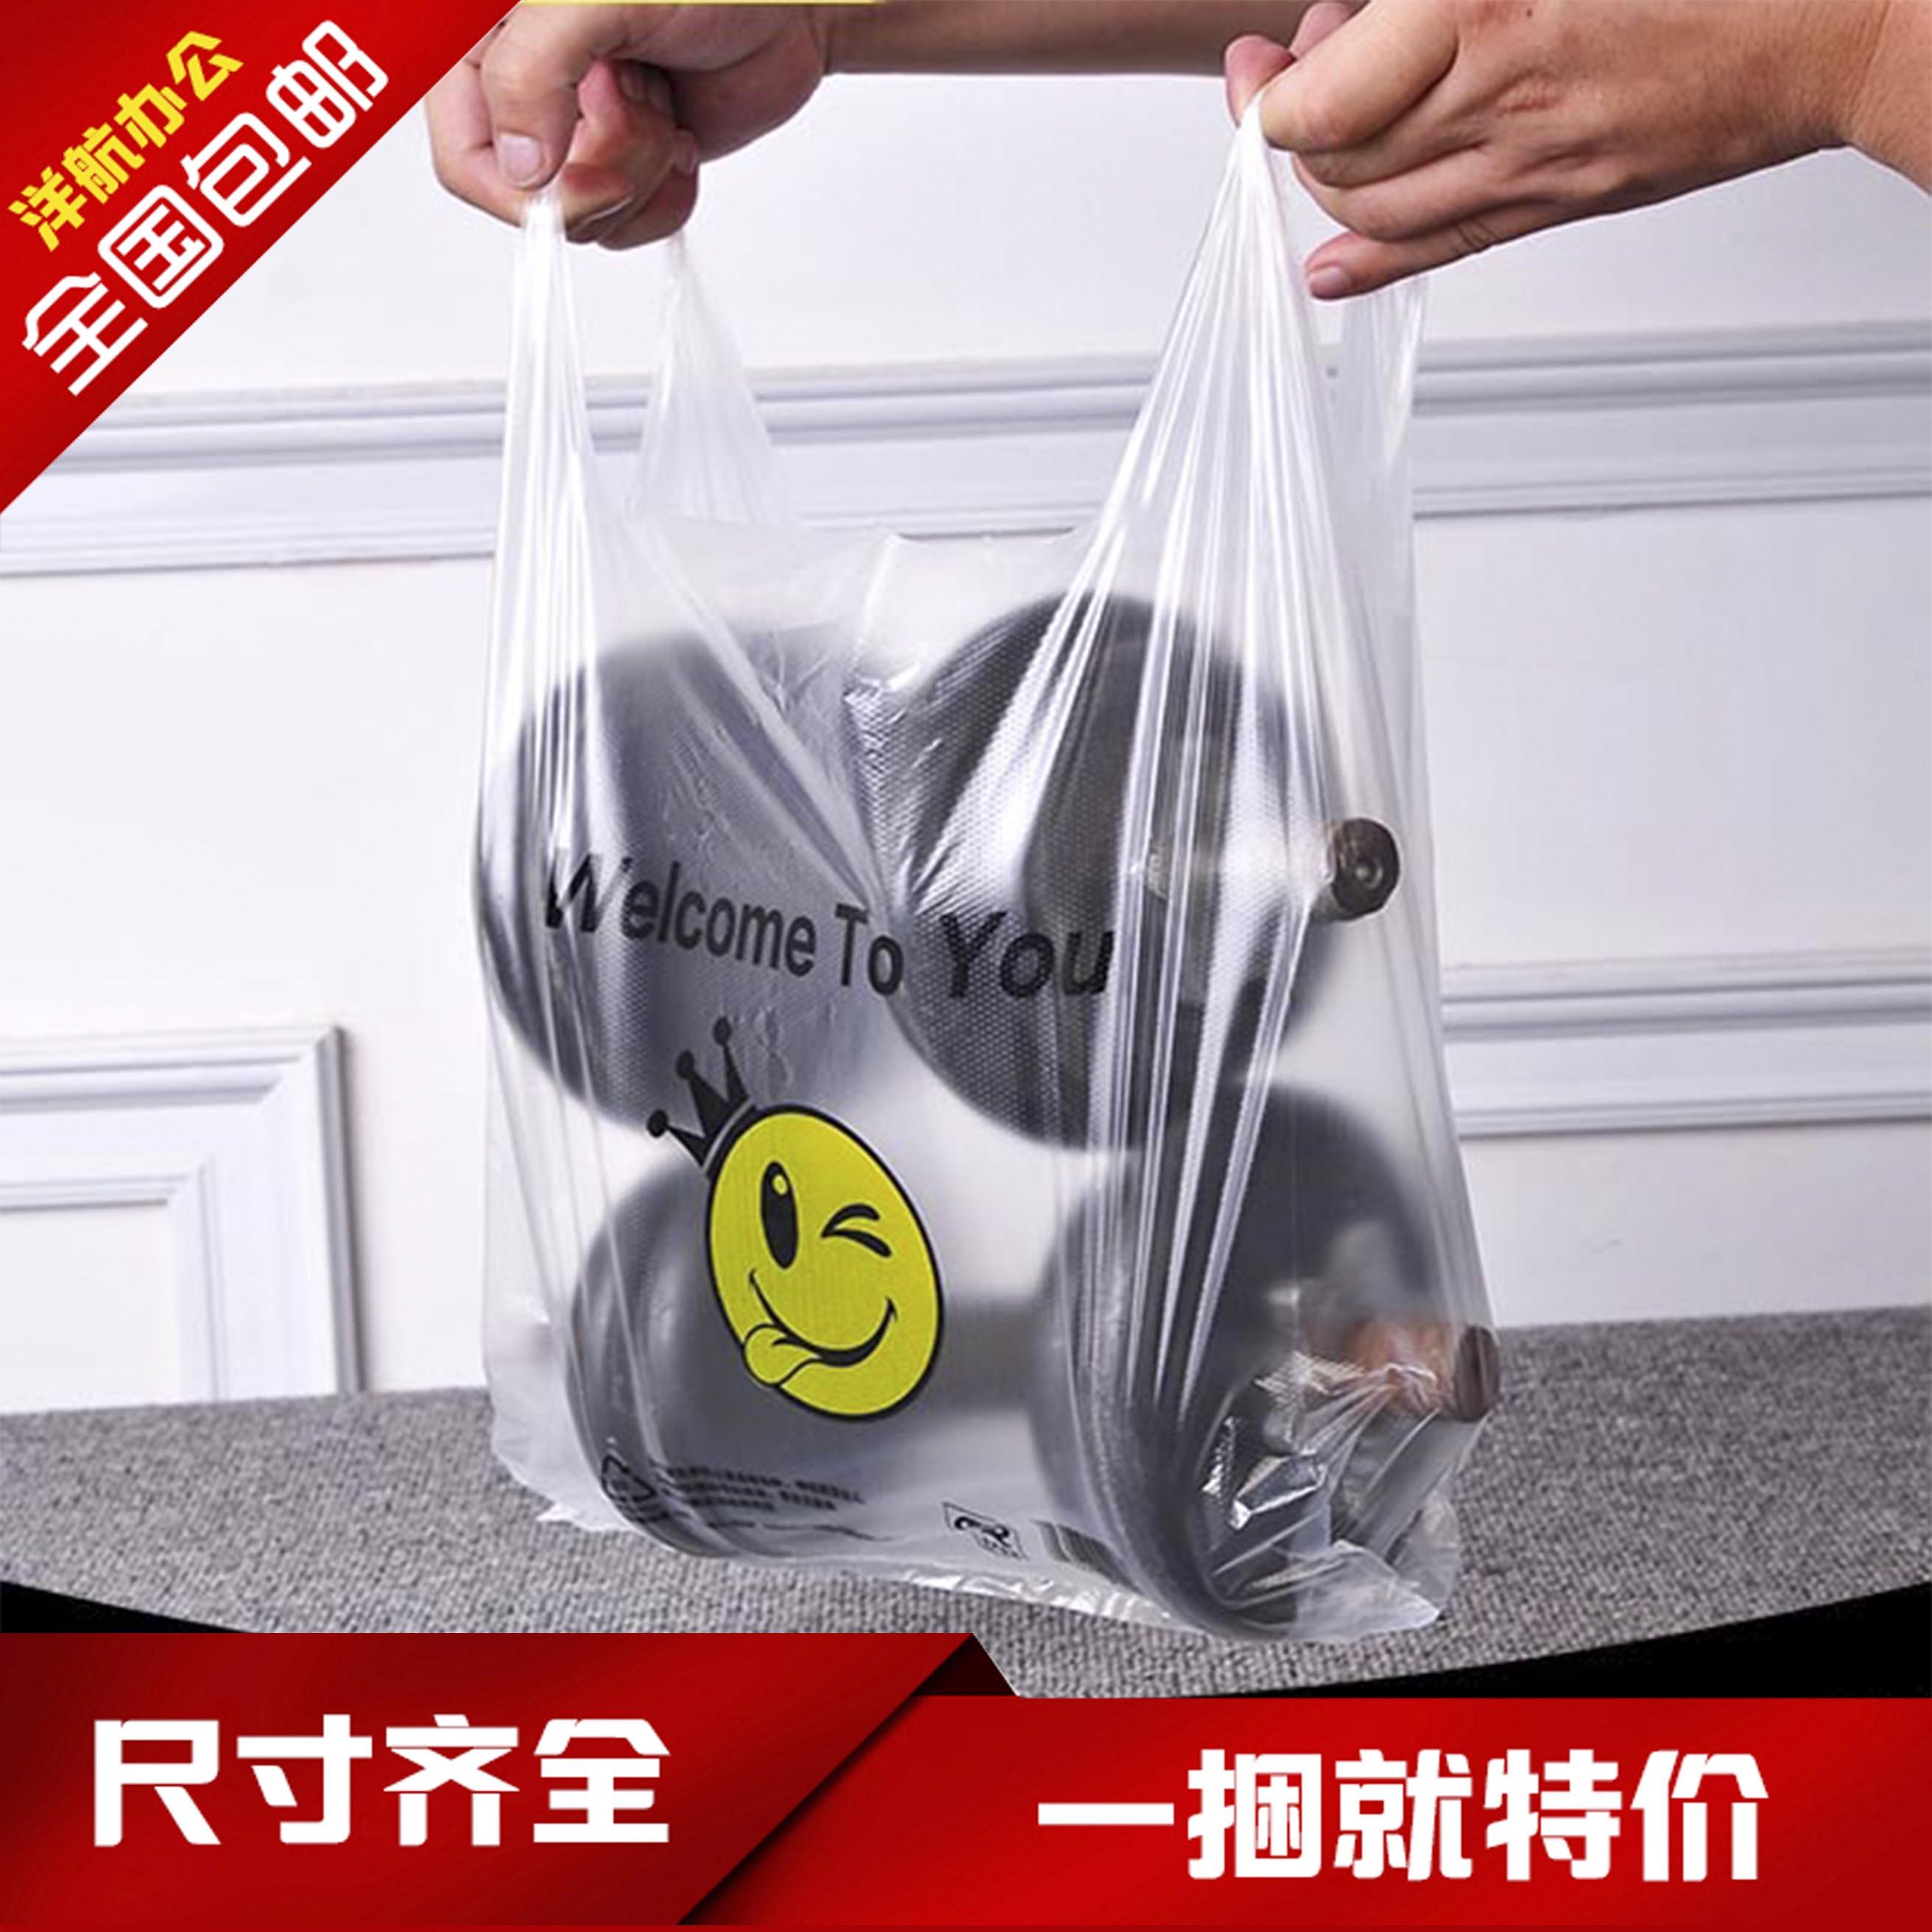 透明背心袋笑脸方便袋加厚食品打包外卖手提塑料袋子批发定做logo